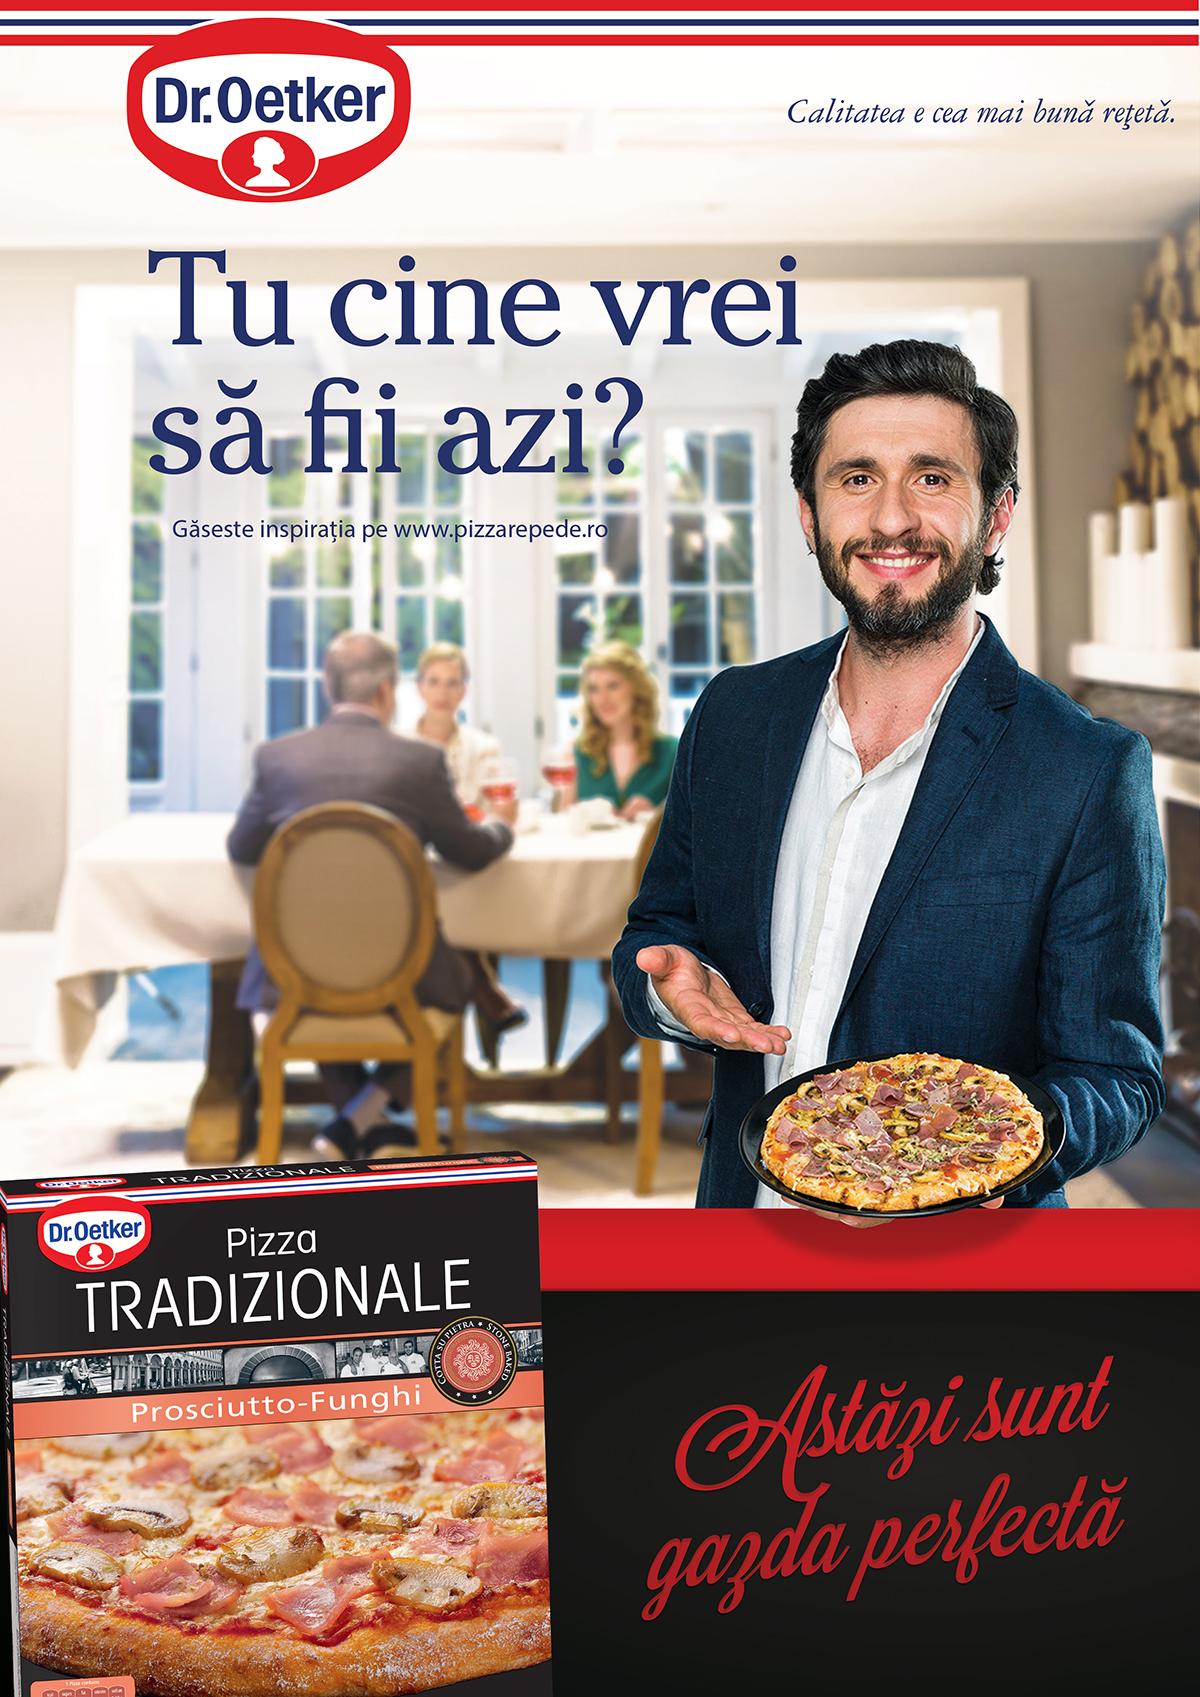 pizza-dr-oetker-mic